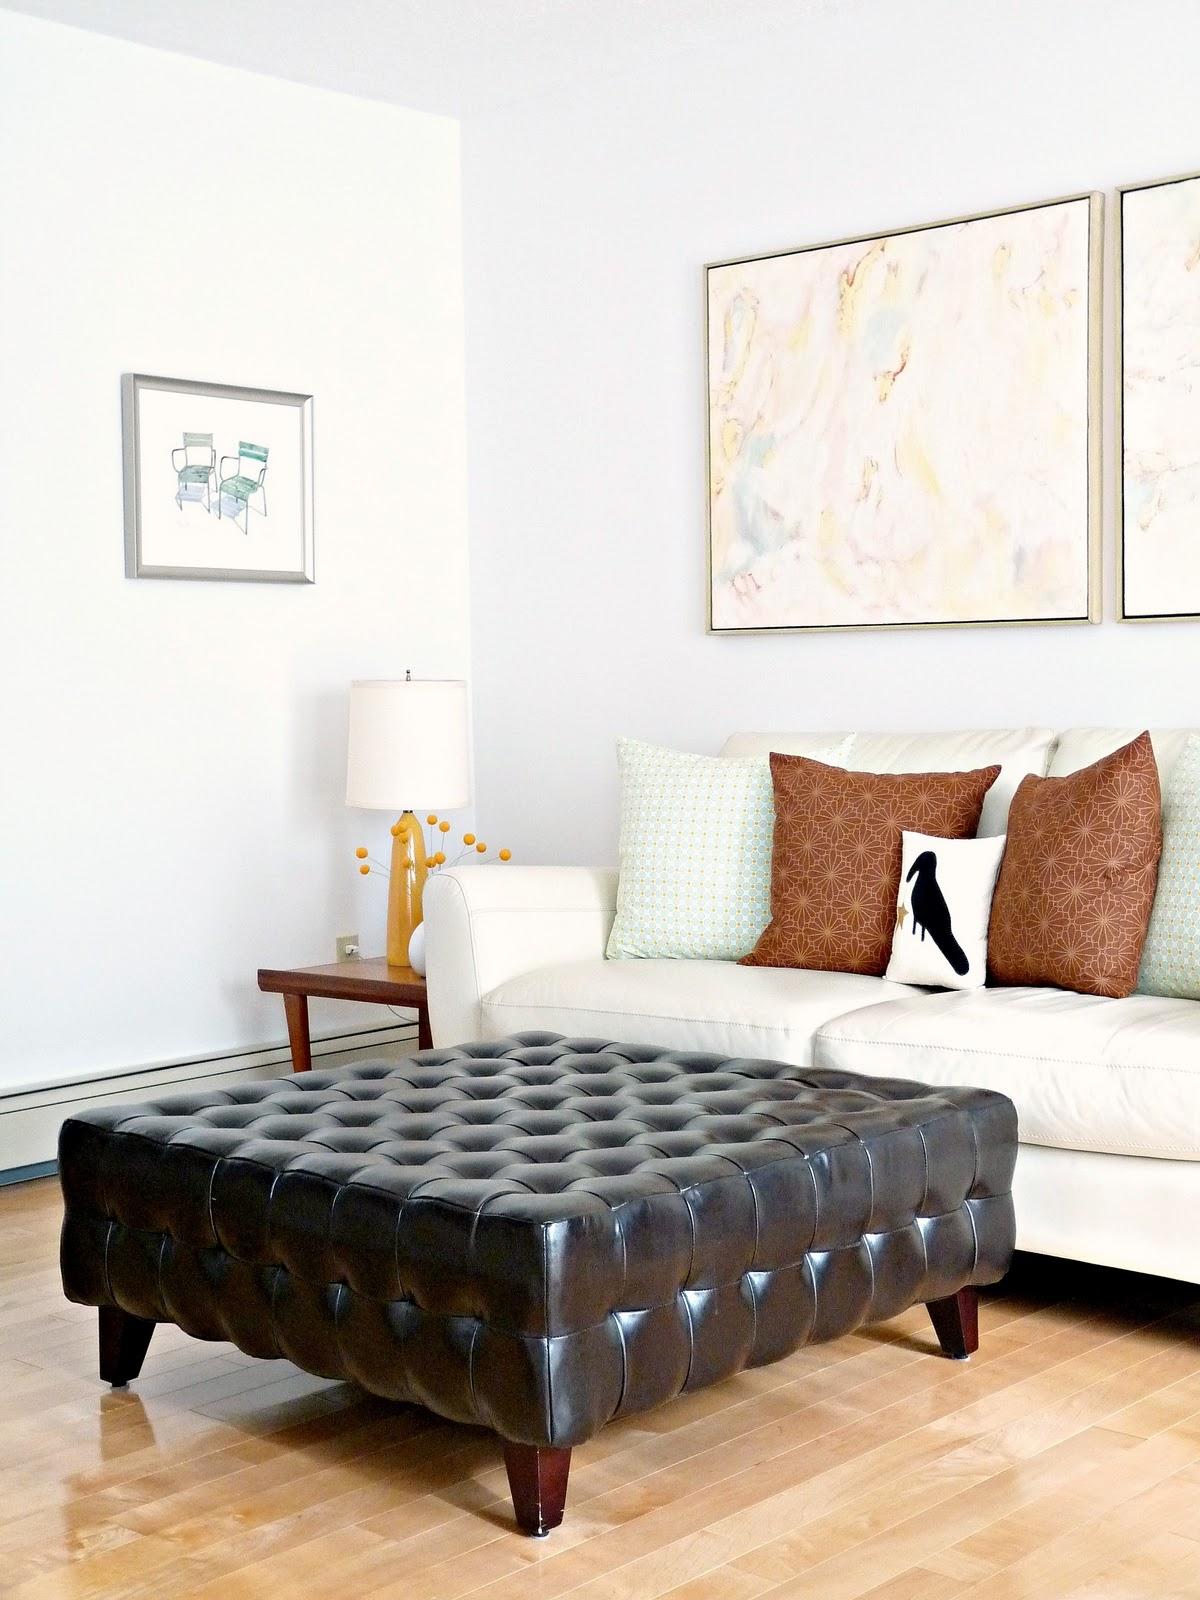 New Sofa = New Living Room | Dans le Lakehouse